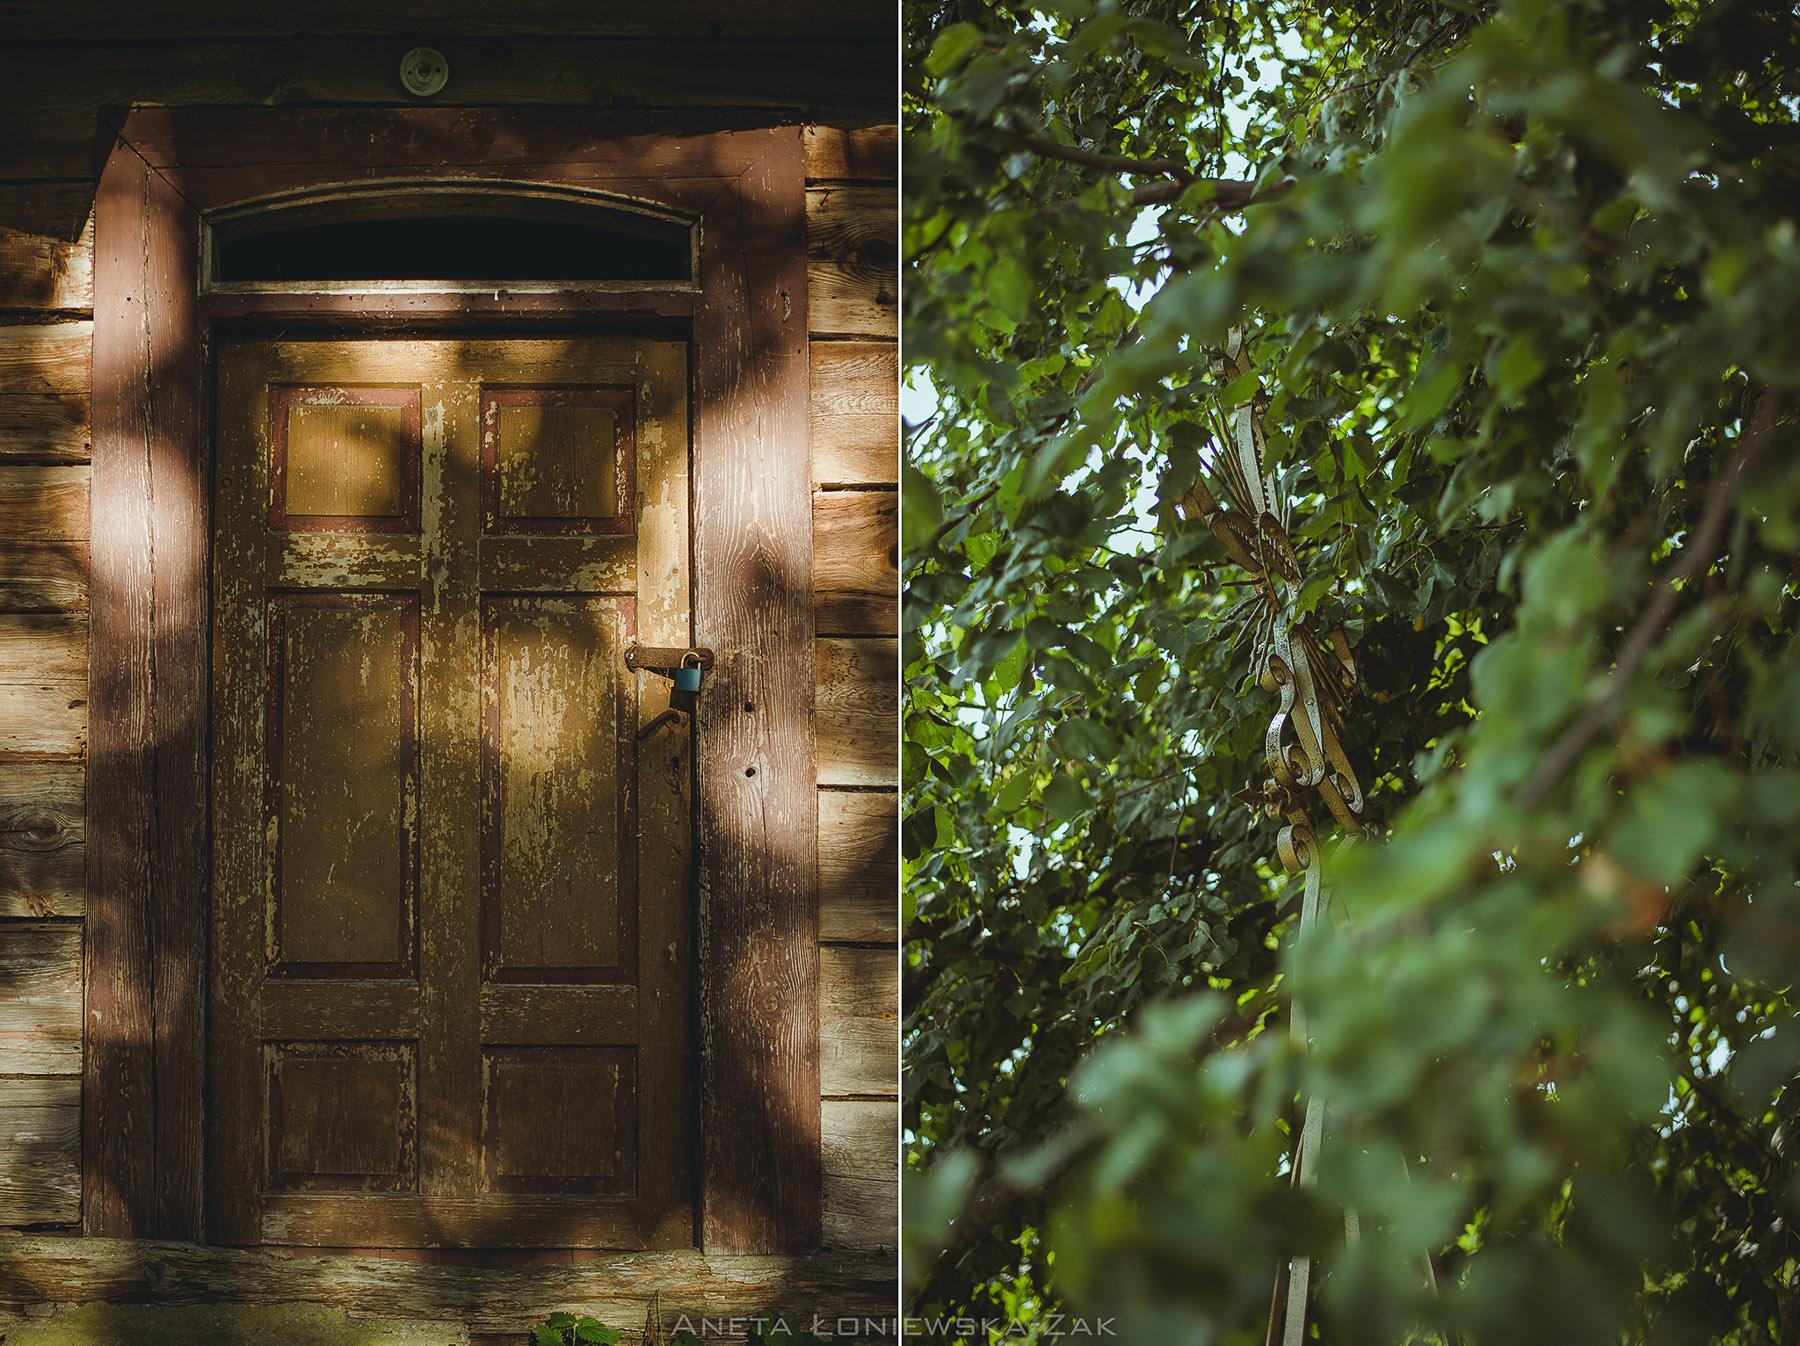 fotografia przyrodnicza, puszcza knyszyńska, podlasie, drewniany dom, krzyż stary